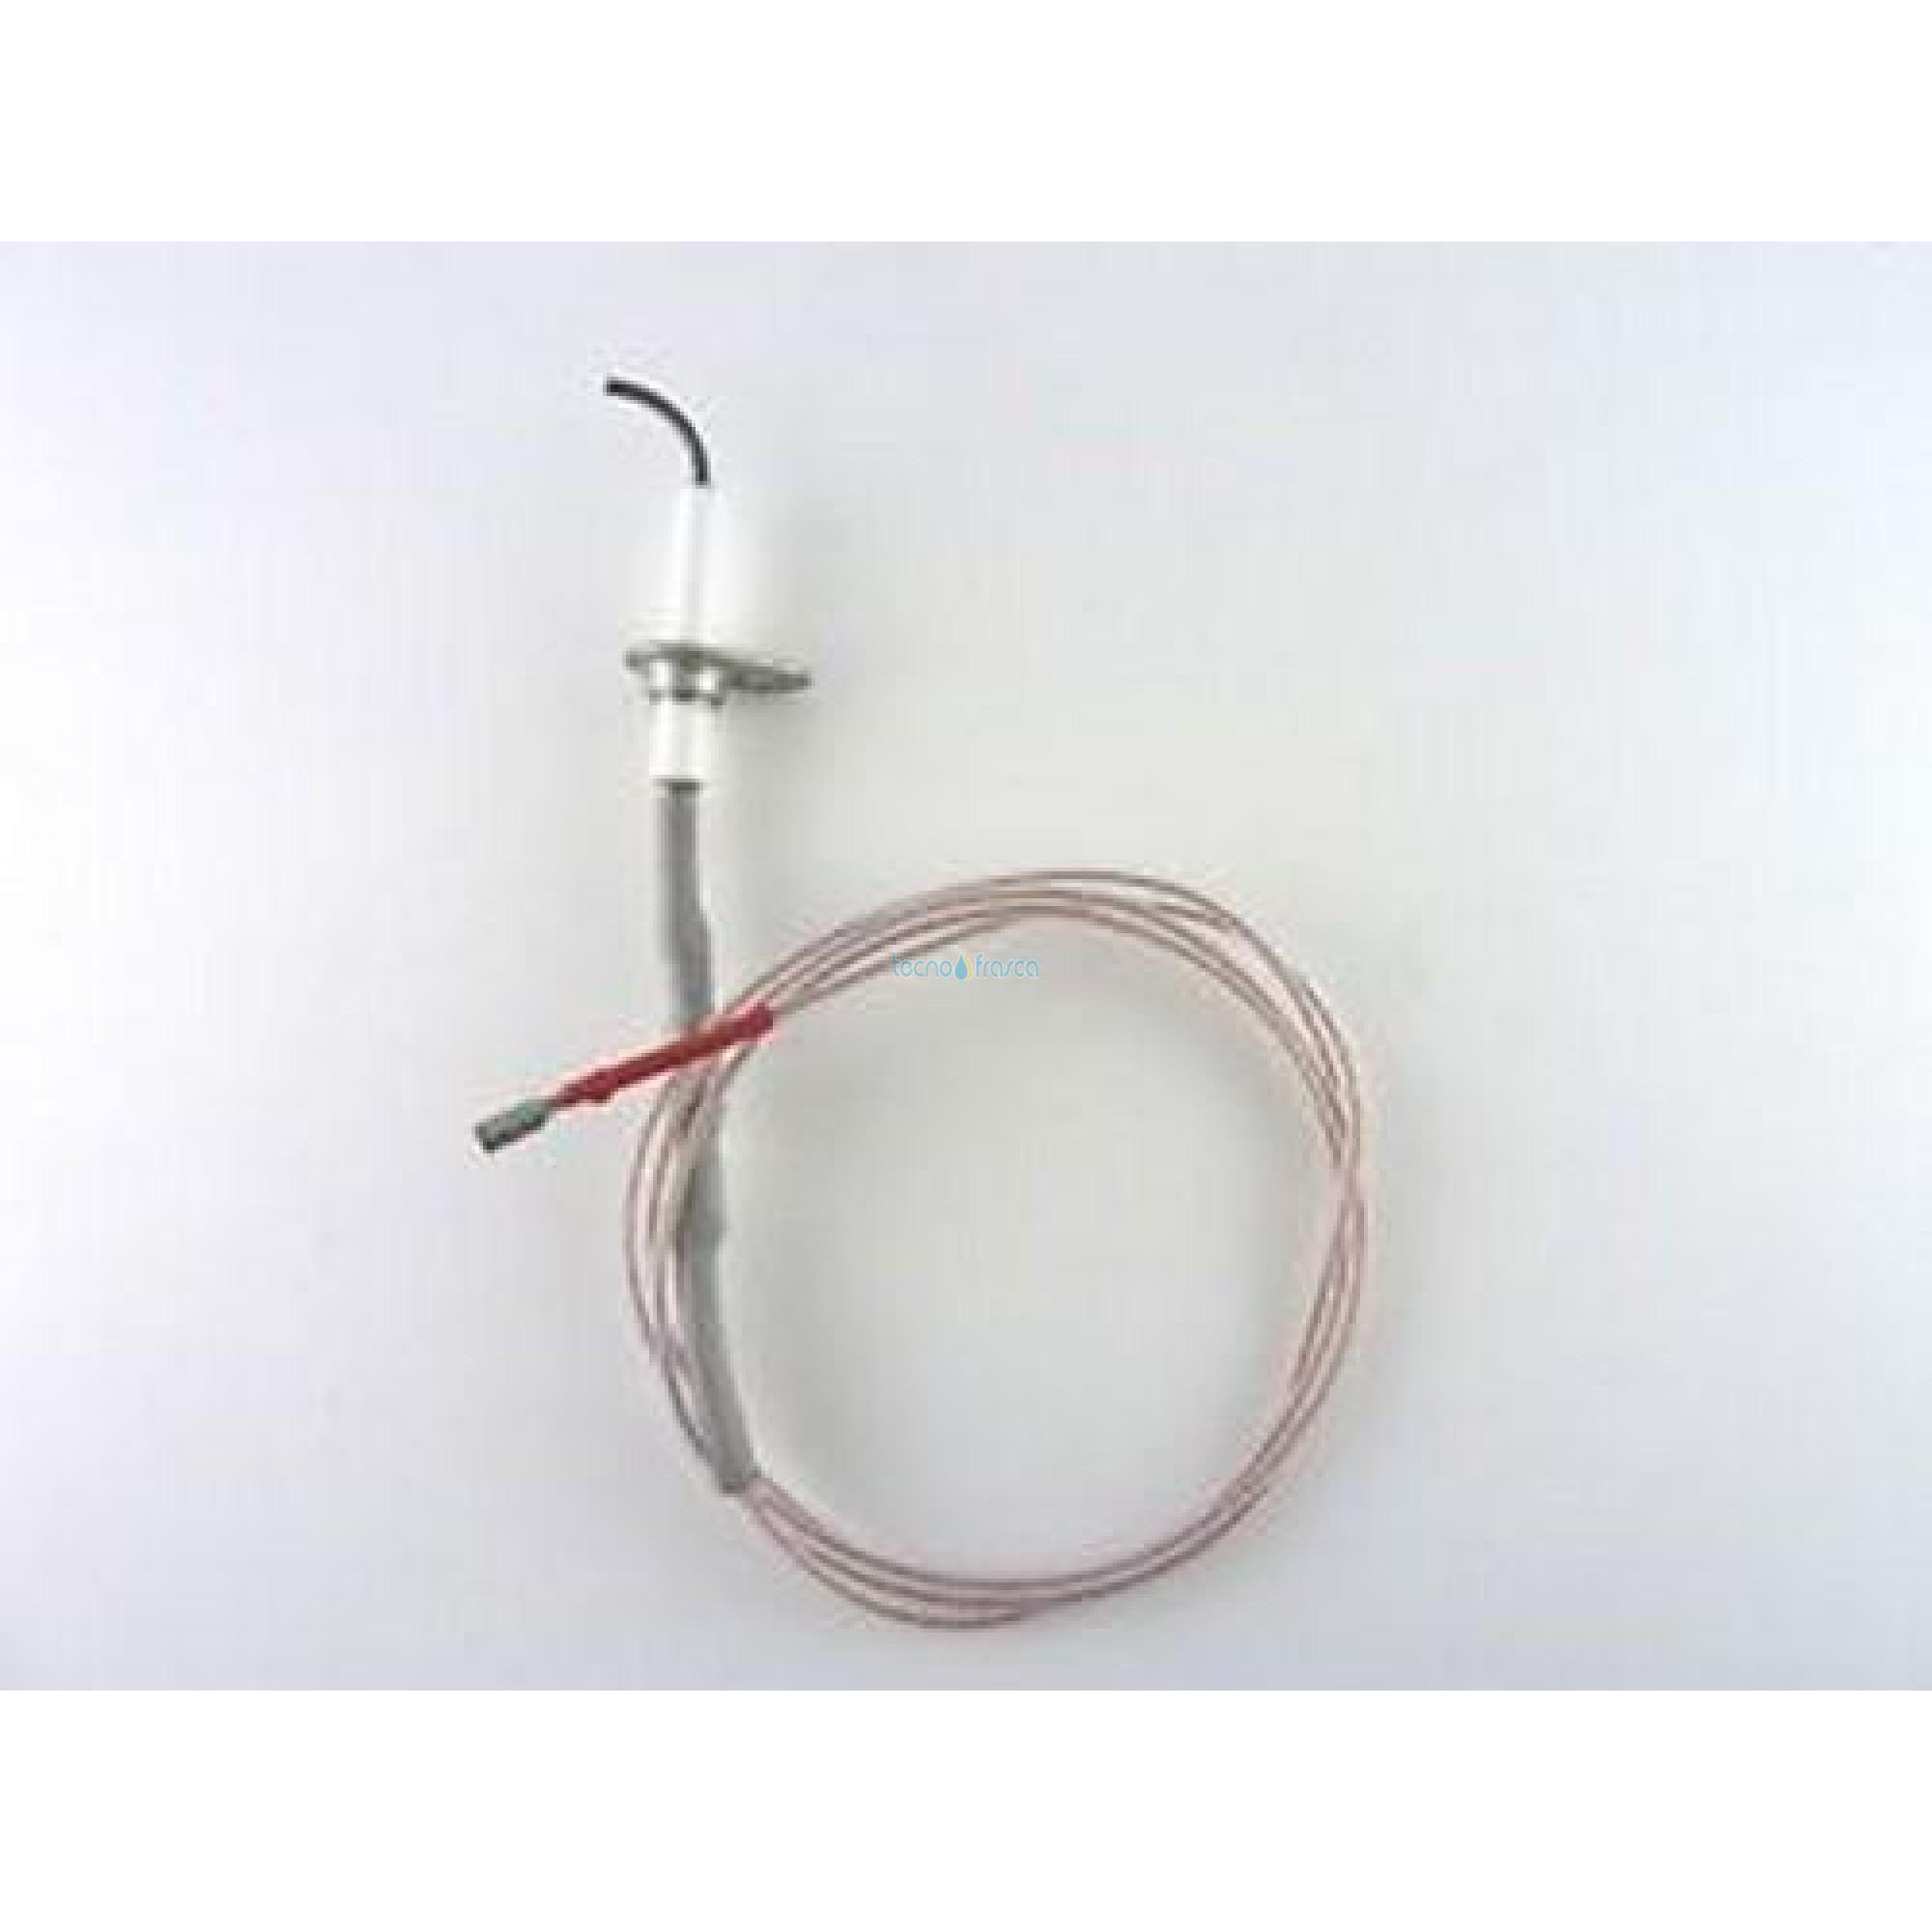 Sime elettrodo di accensione l450 6235915